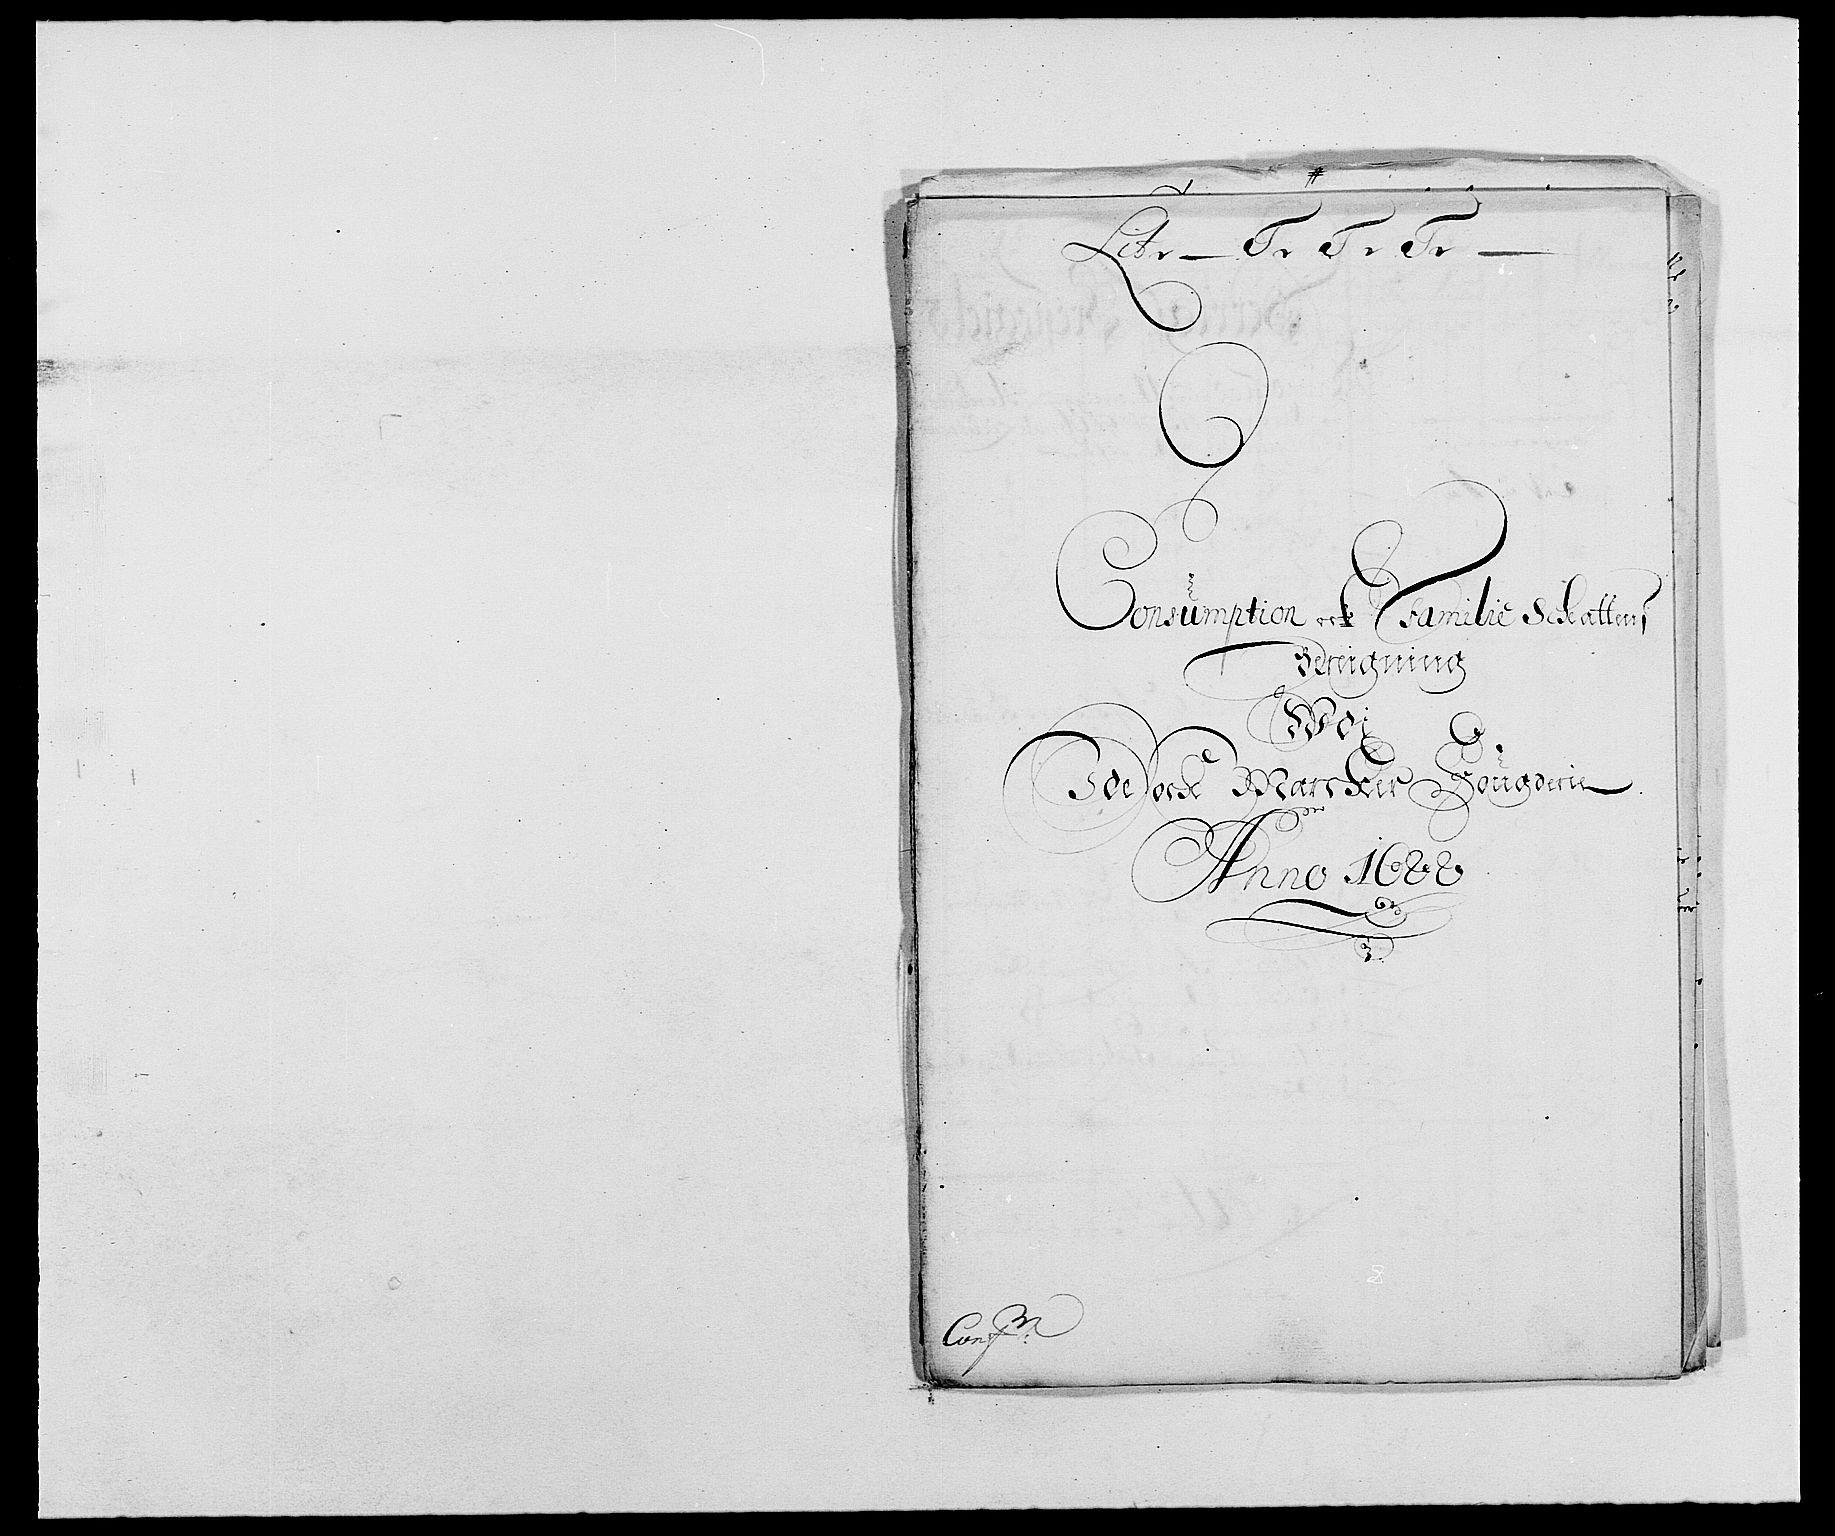 RA, Rentekammeret inntil 1814, Reviderte regnskaper, Fogderegnskap, R01/L0007: Fogderegnskap Idd og Marker, 1687-1688, s. 312